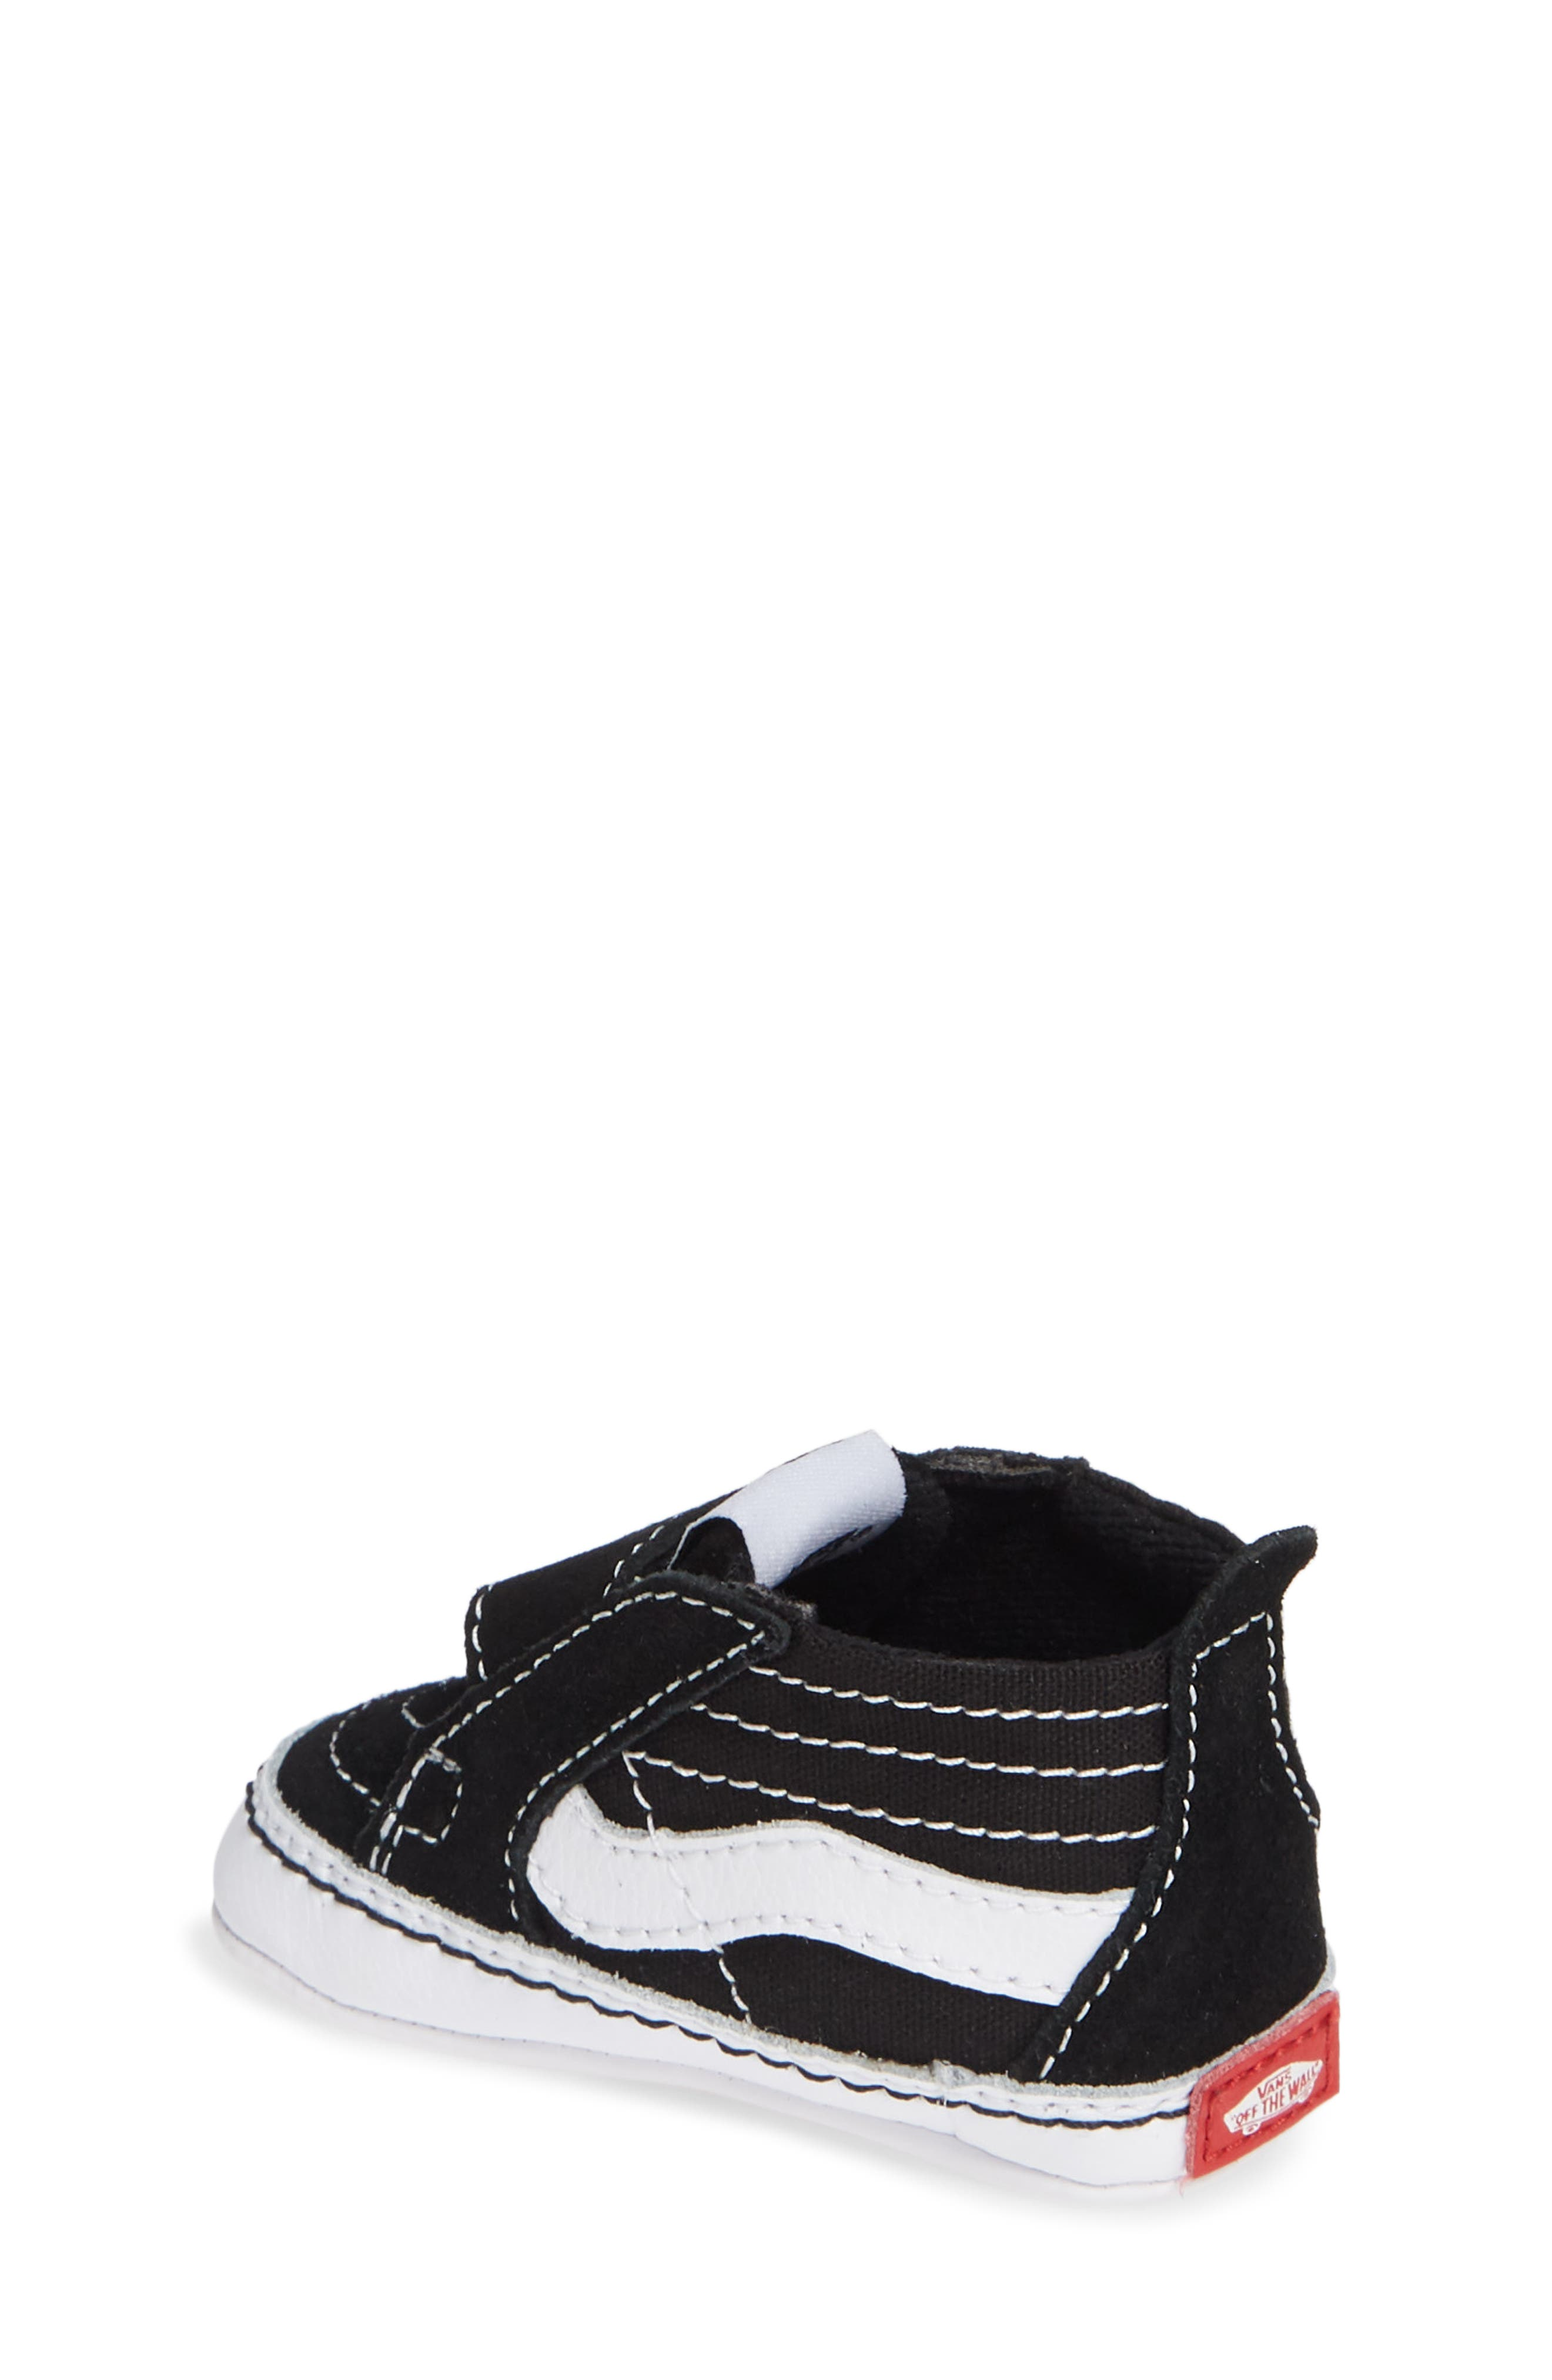 VANS, 'SK8-Hi' Crib Sneaker, Alternate thumbnail 2, color, BLACK/TRUE WHITE